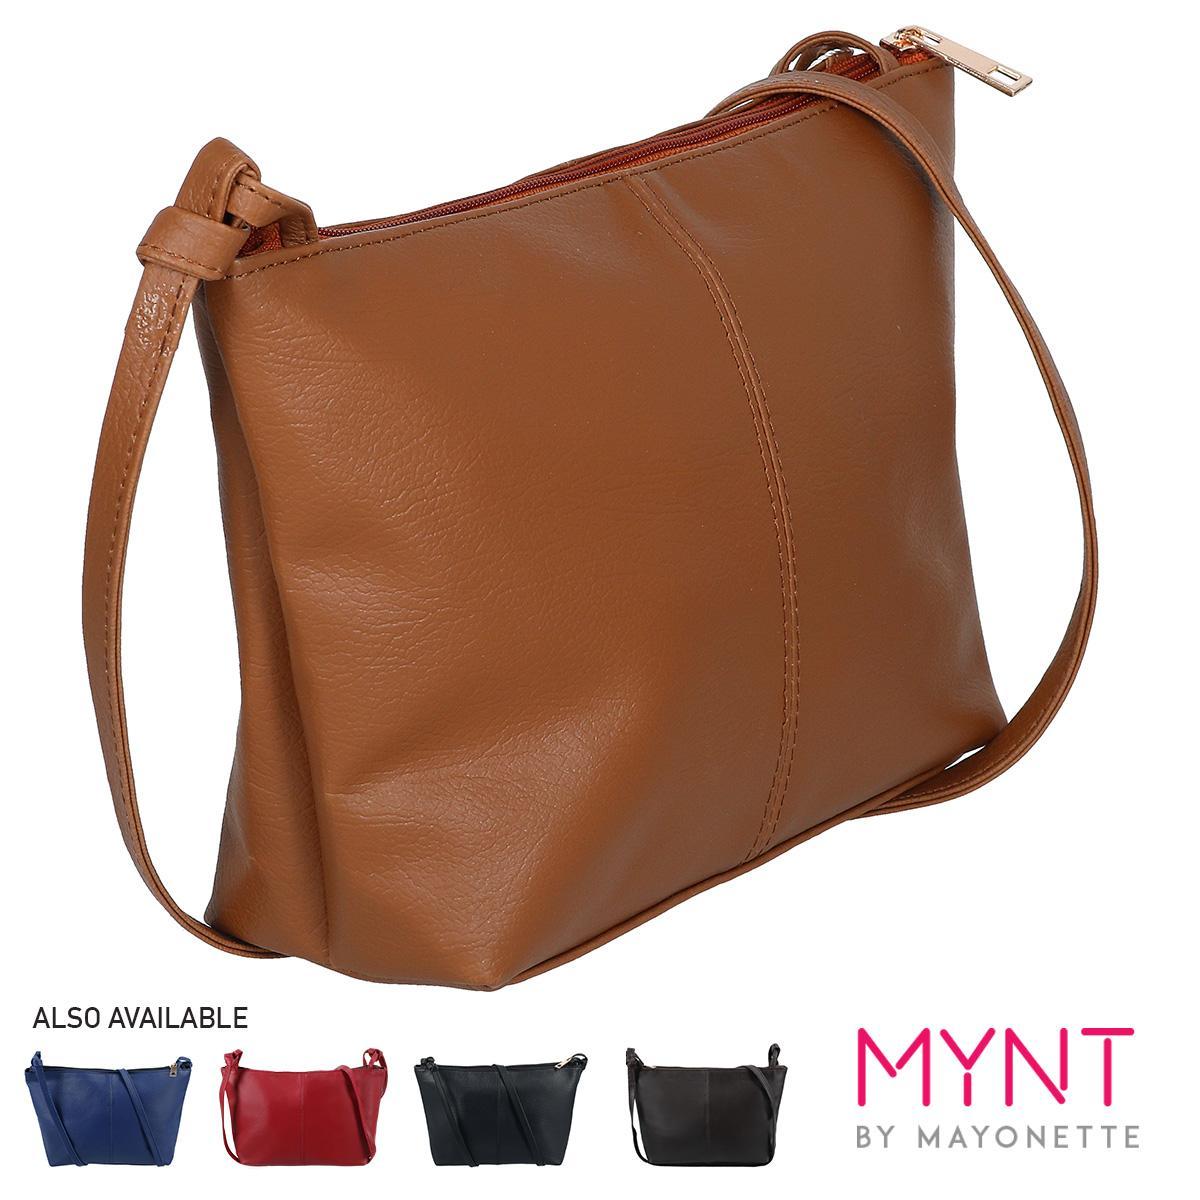 MYNT by Mayonette Tas Wanita Selempang Bahu Korean Style Sling Bag Trendy Casual Sarah Shoulder (